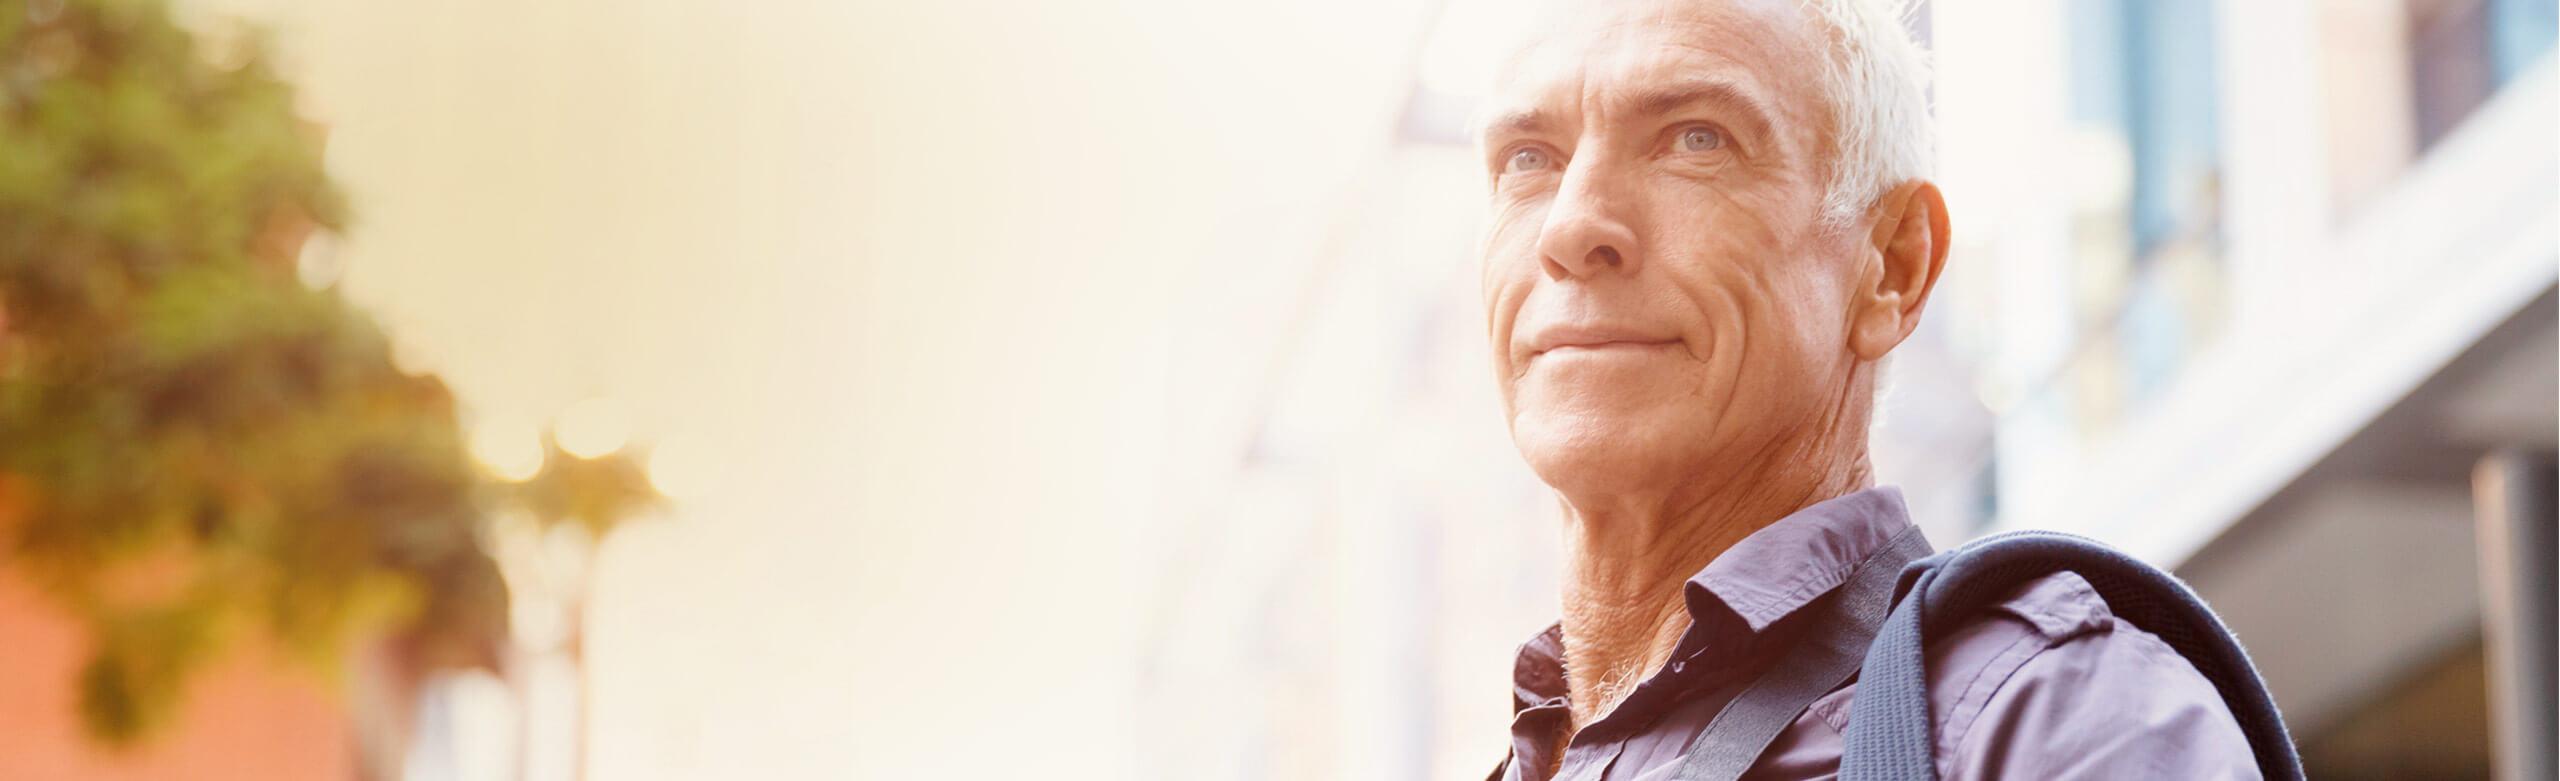 Un homme qui regarde au loin avec confiance